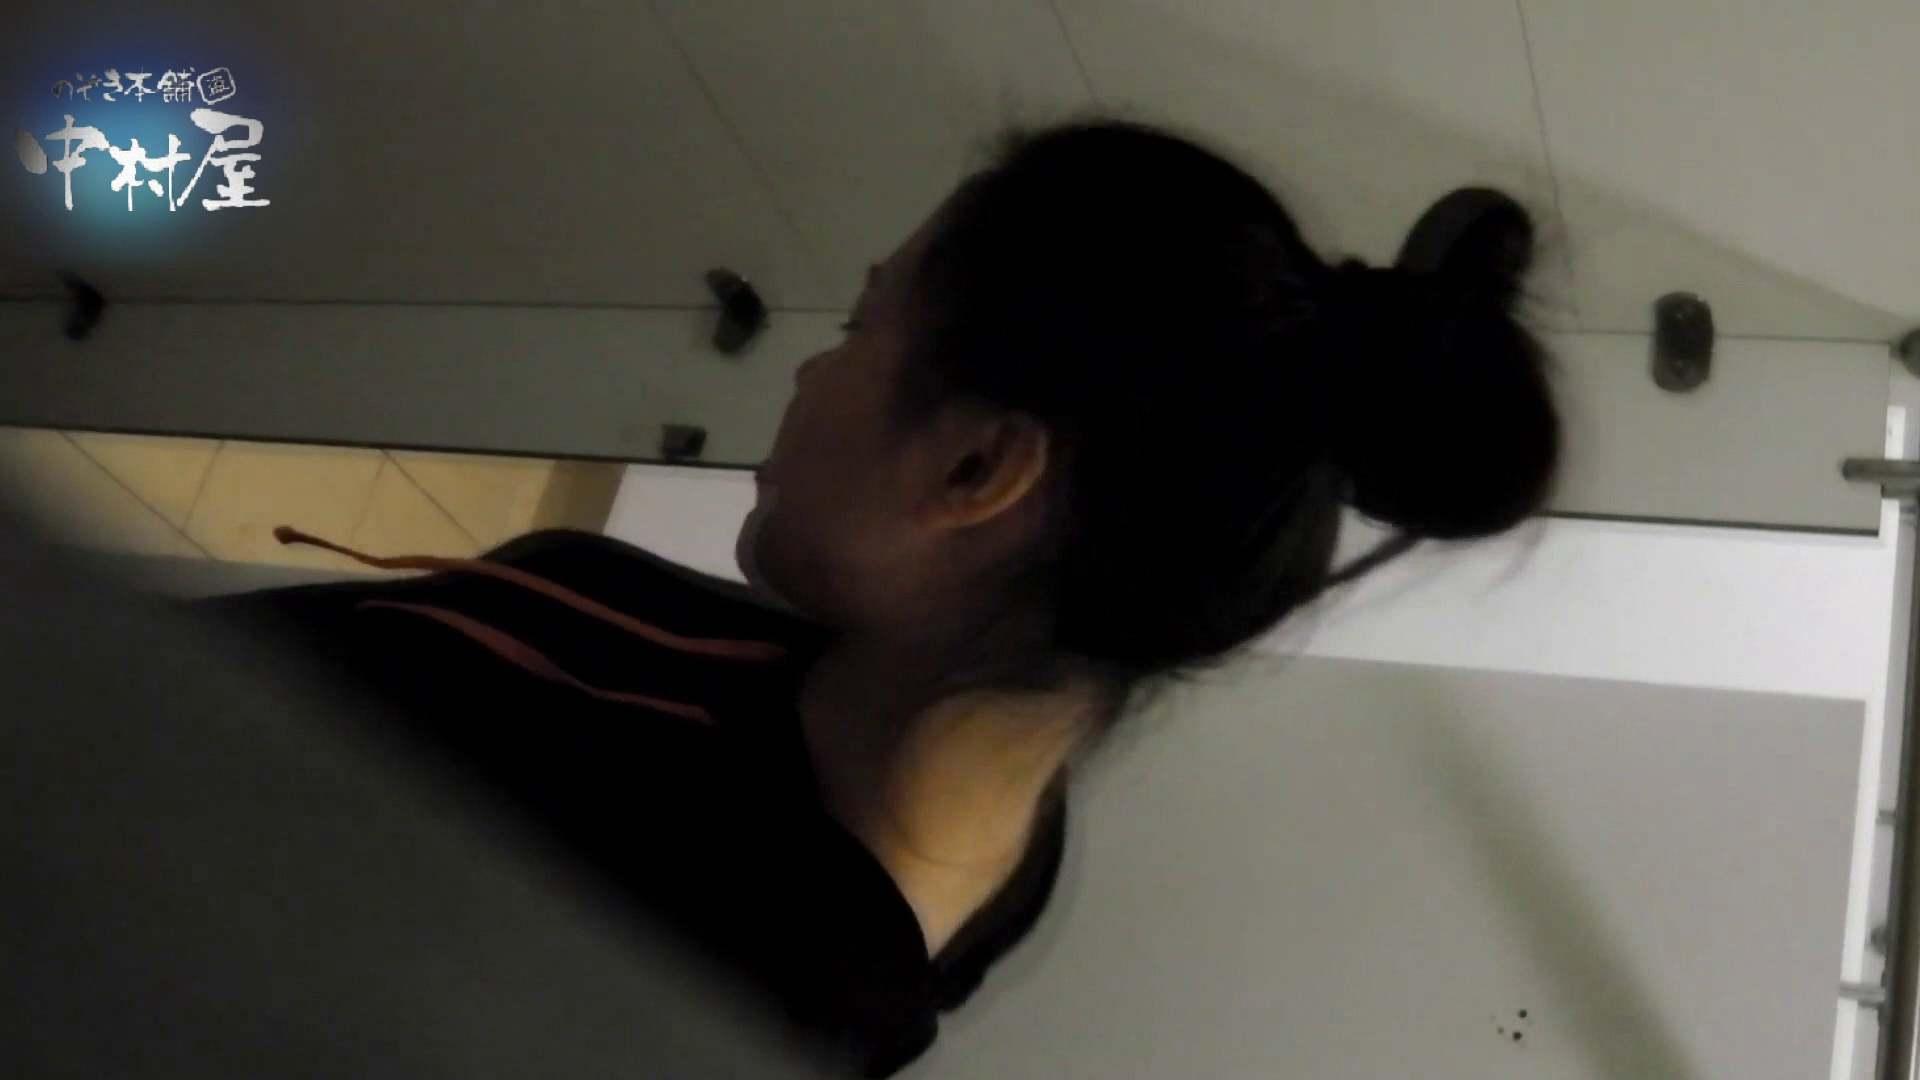 乙女集まる!ショッピングモール潜入撮vol.04 丸見え  28pic 16